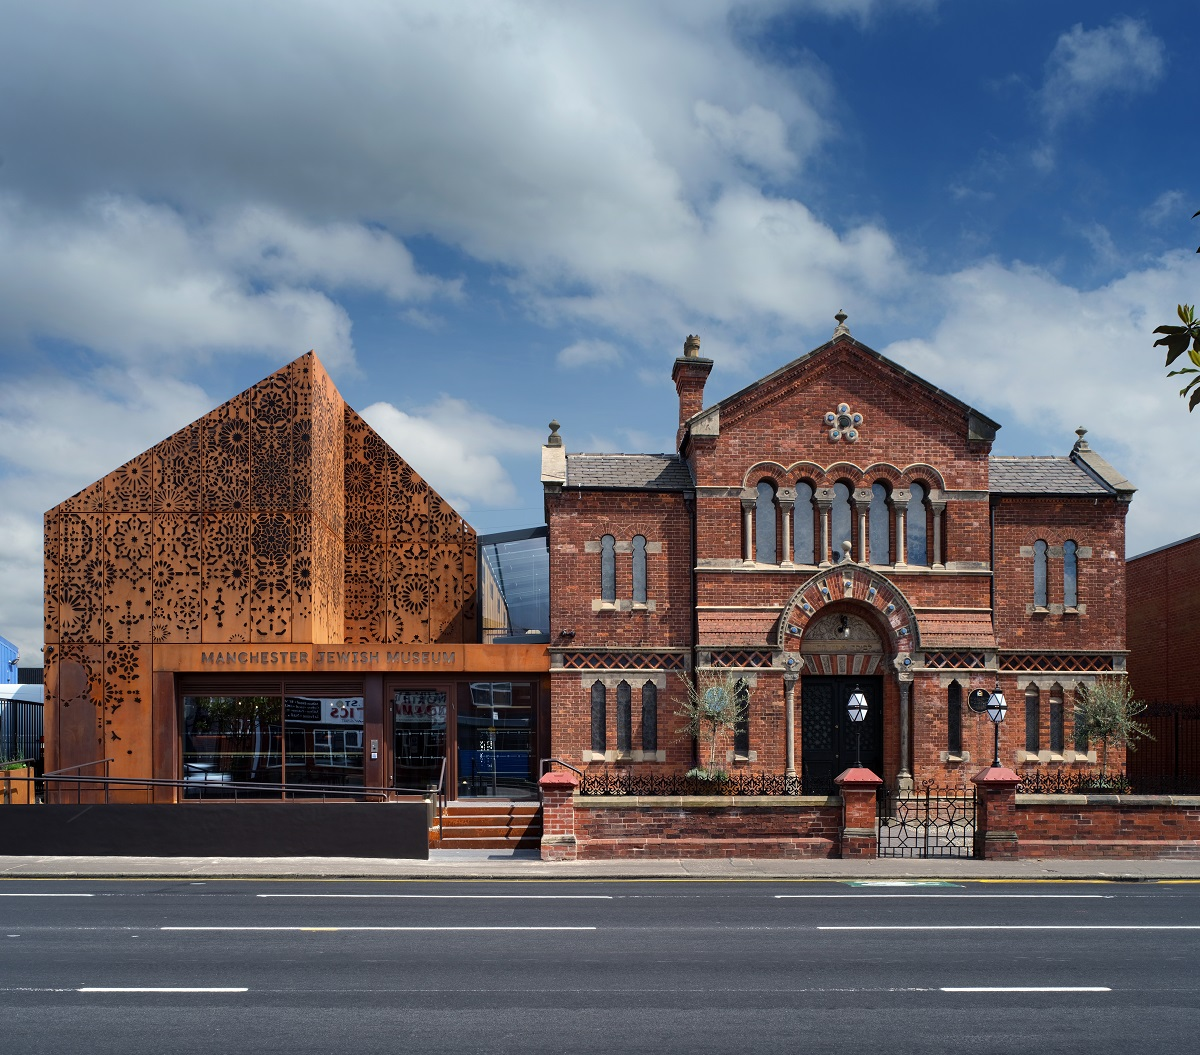 Manchester Jewish Museum exterior, Philip Vile, June 2021